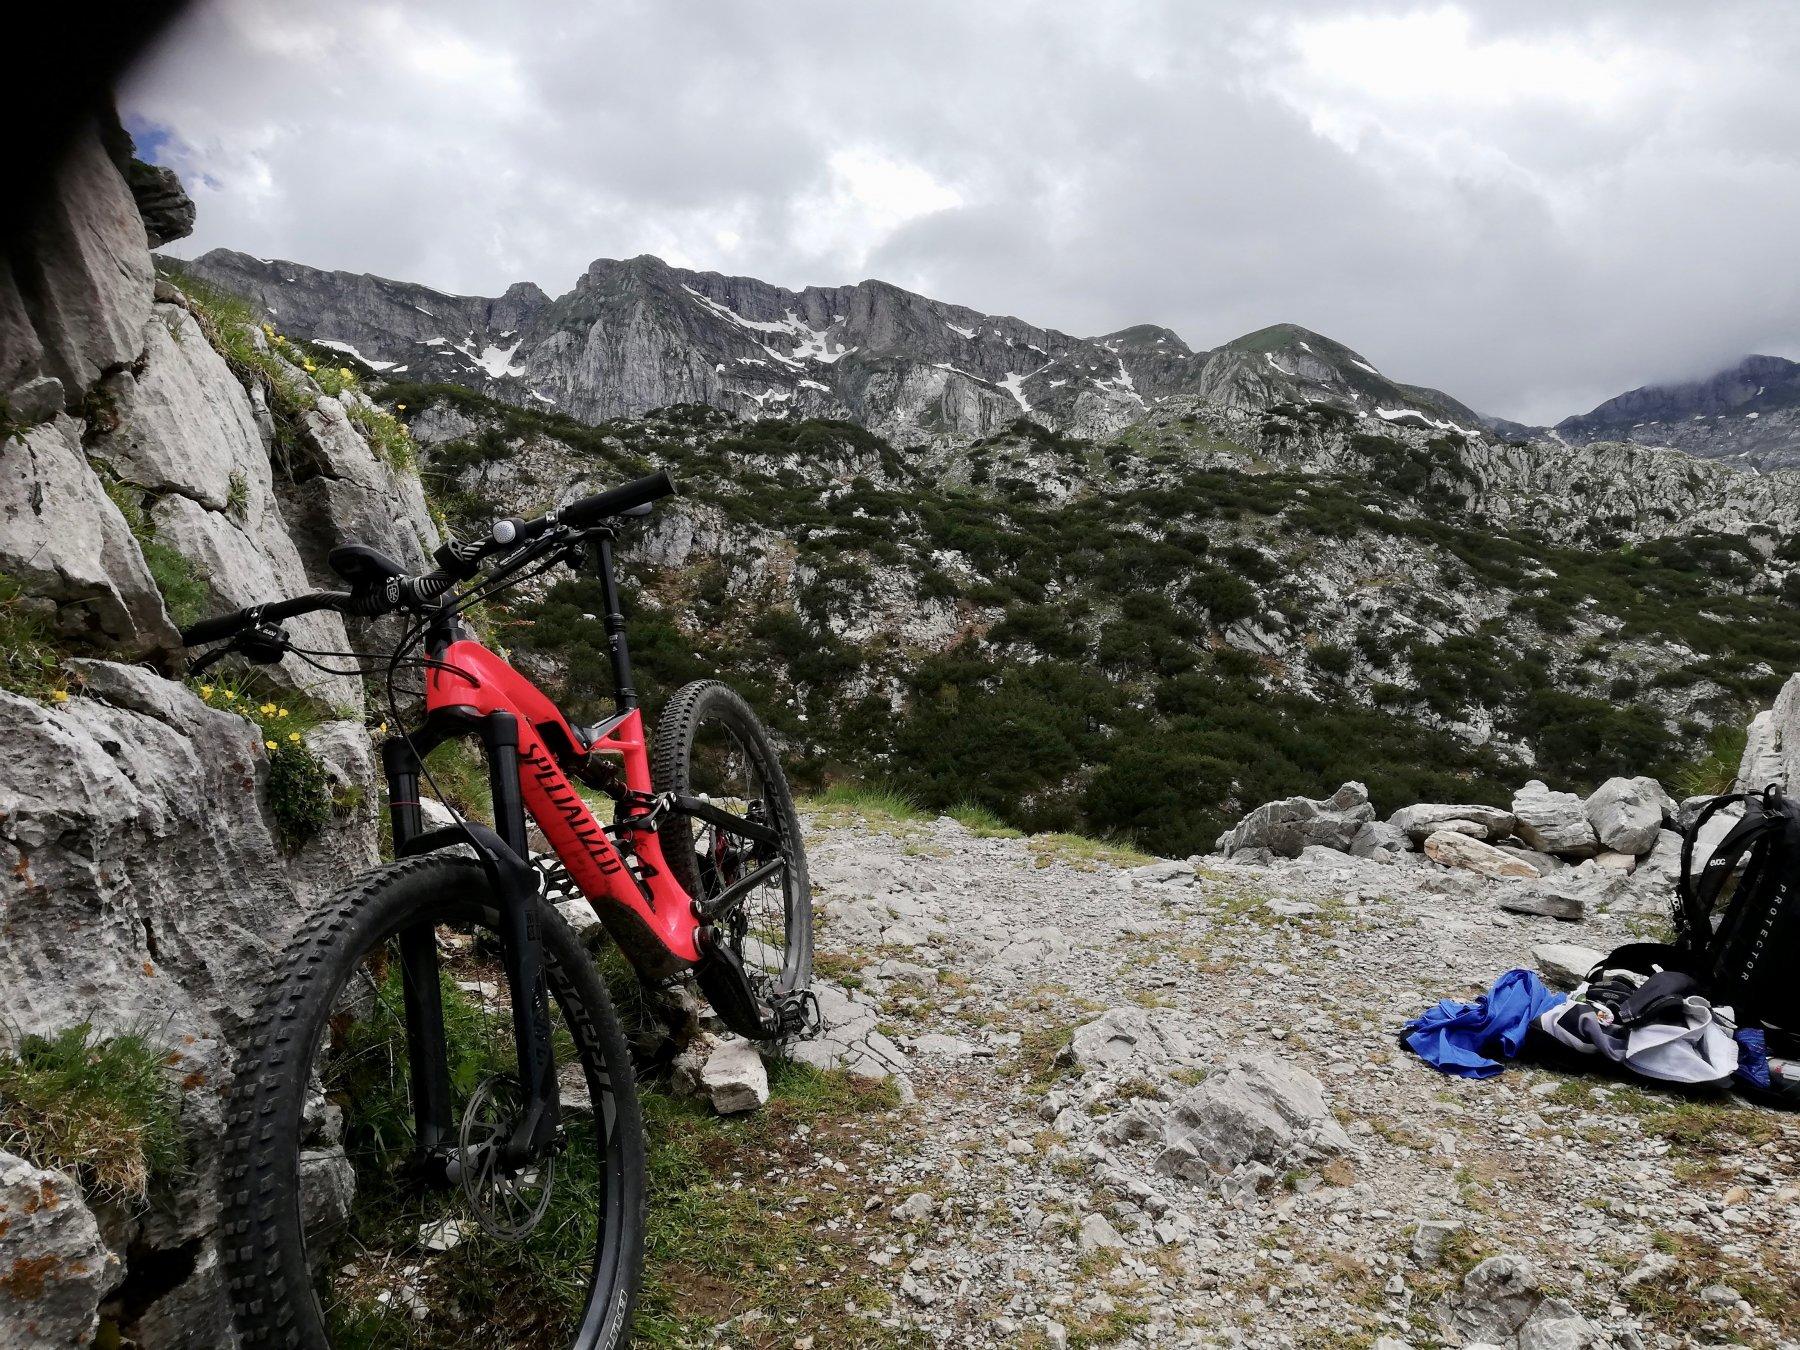 la mia bicicletta al Passo del Duca, fotografata prima della discesa nel Vallone del Marg.